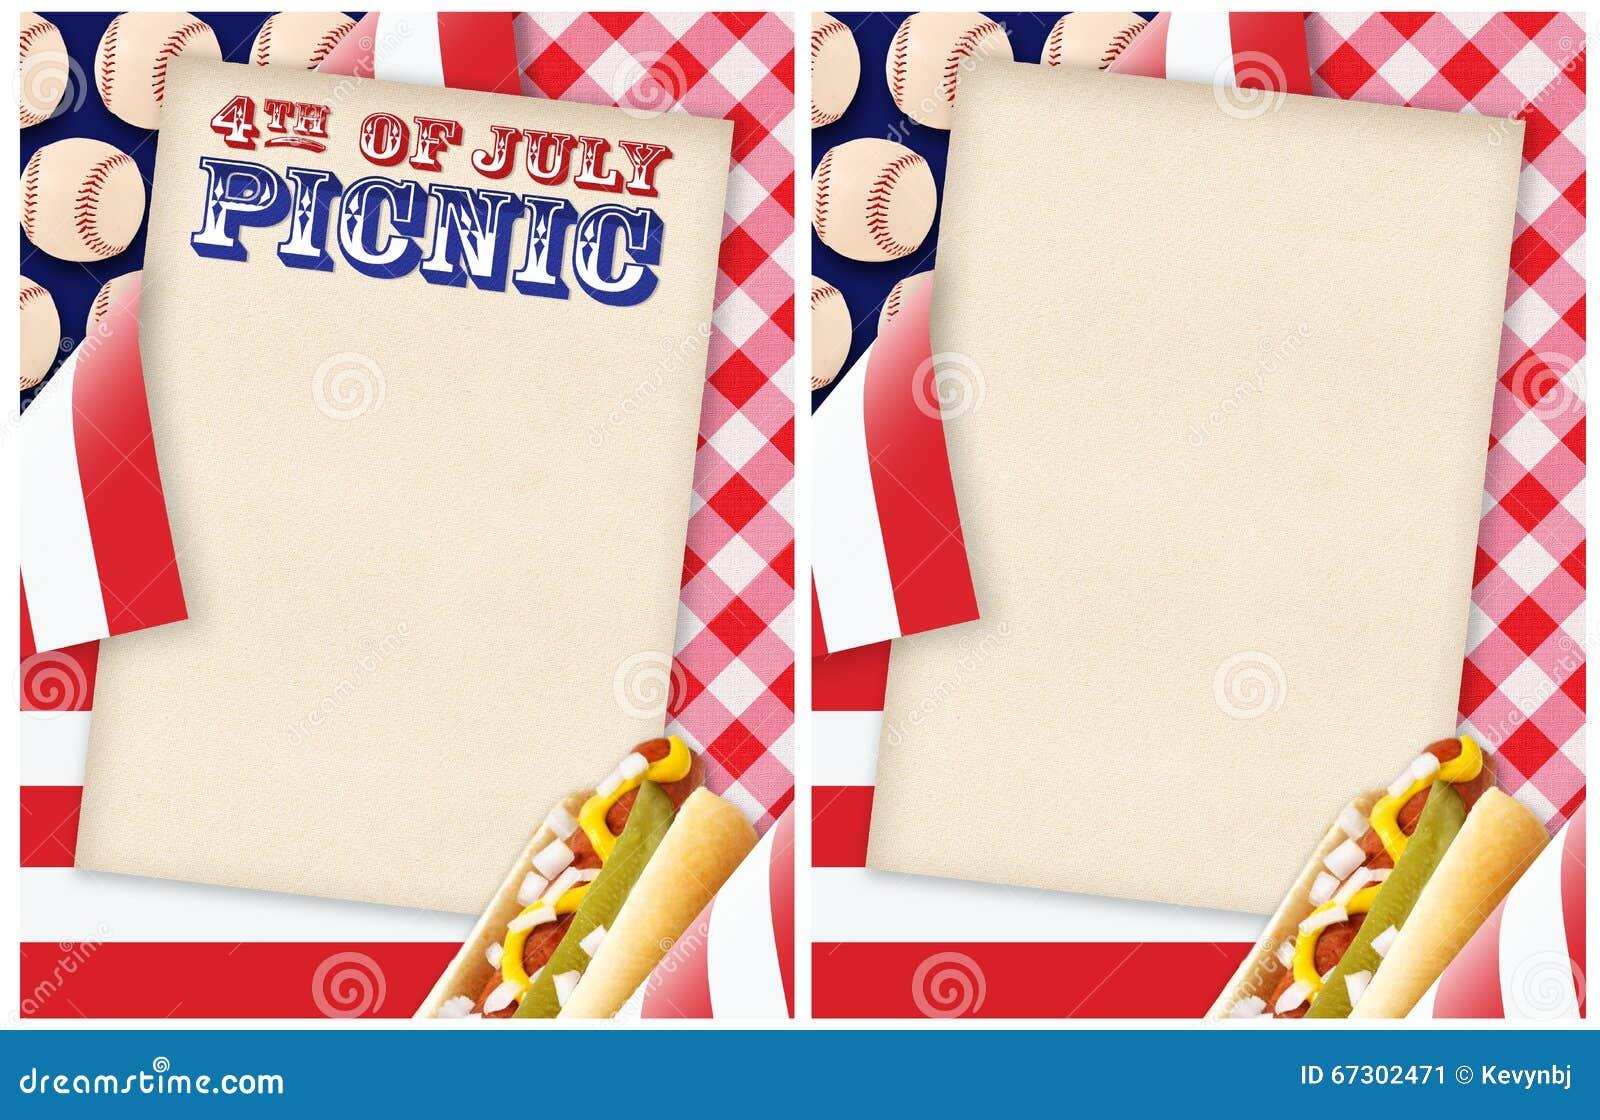 4. der juli-picknick-einladung stockfoto - bild: 67302471, Einladung